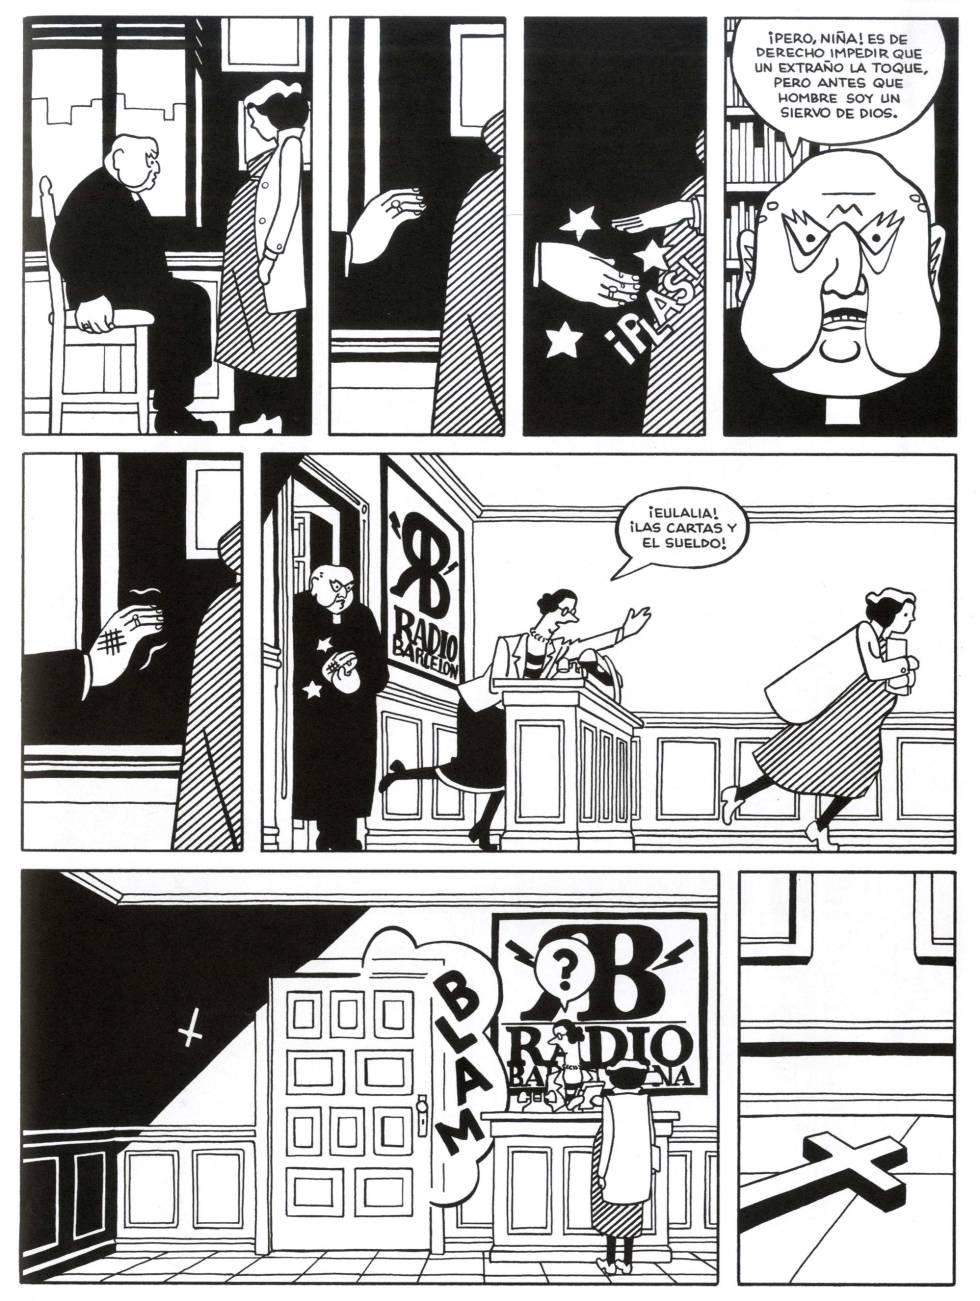 Página de 'Lamia', de Rayco Pulido.